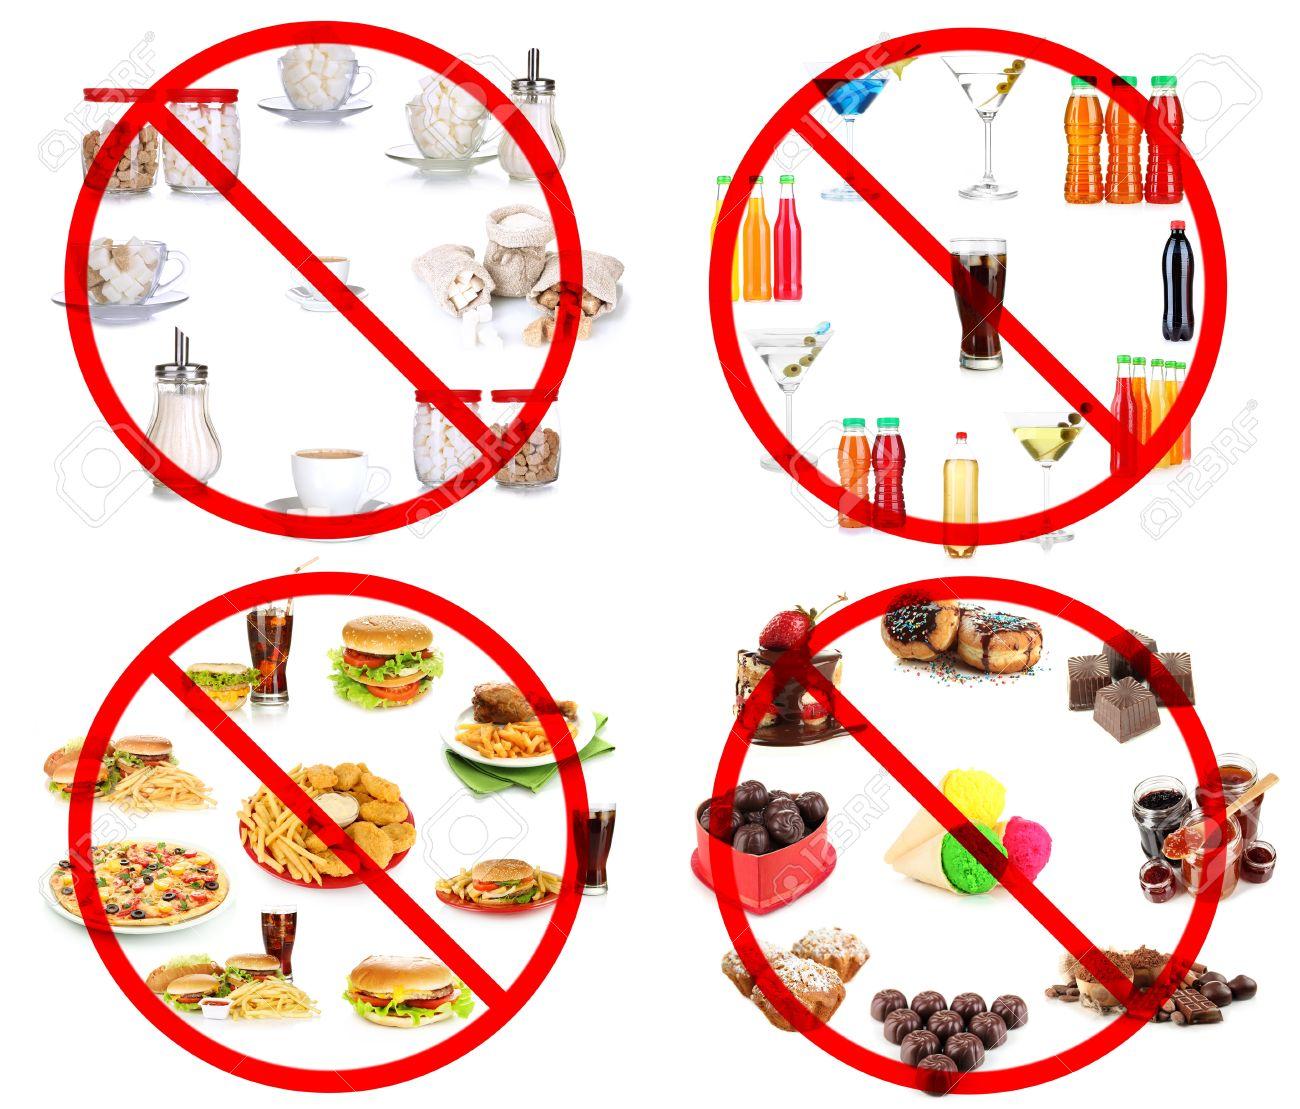 Die Top 10 der krebserregendsten Lebensmittel, die Sie regelmäßig essen